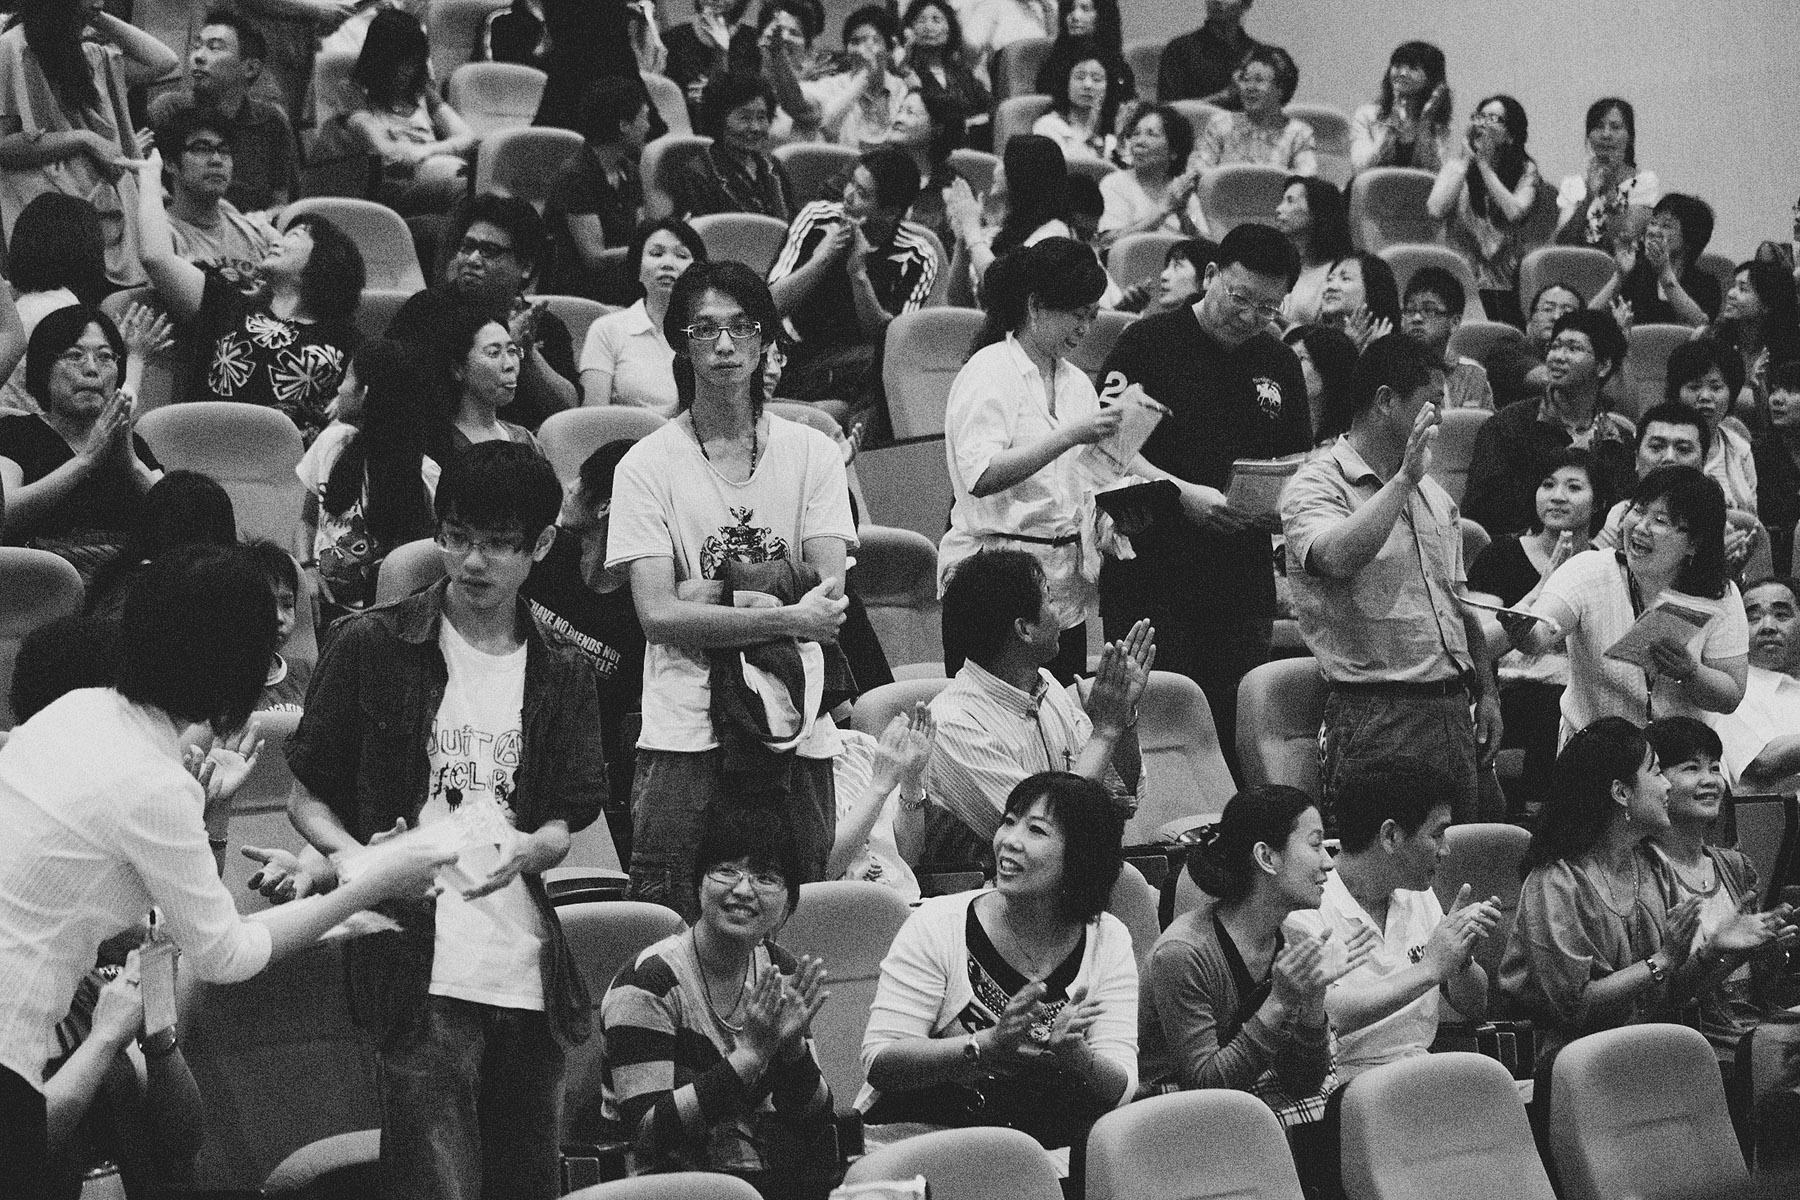 卓越北大行道會,台北大學,基督徒